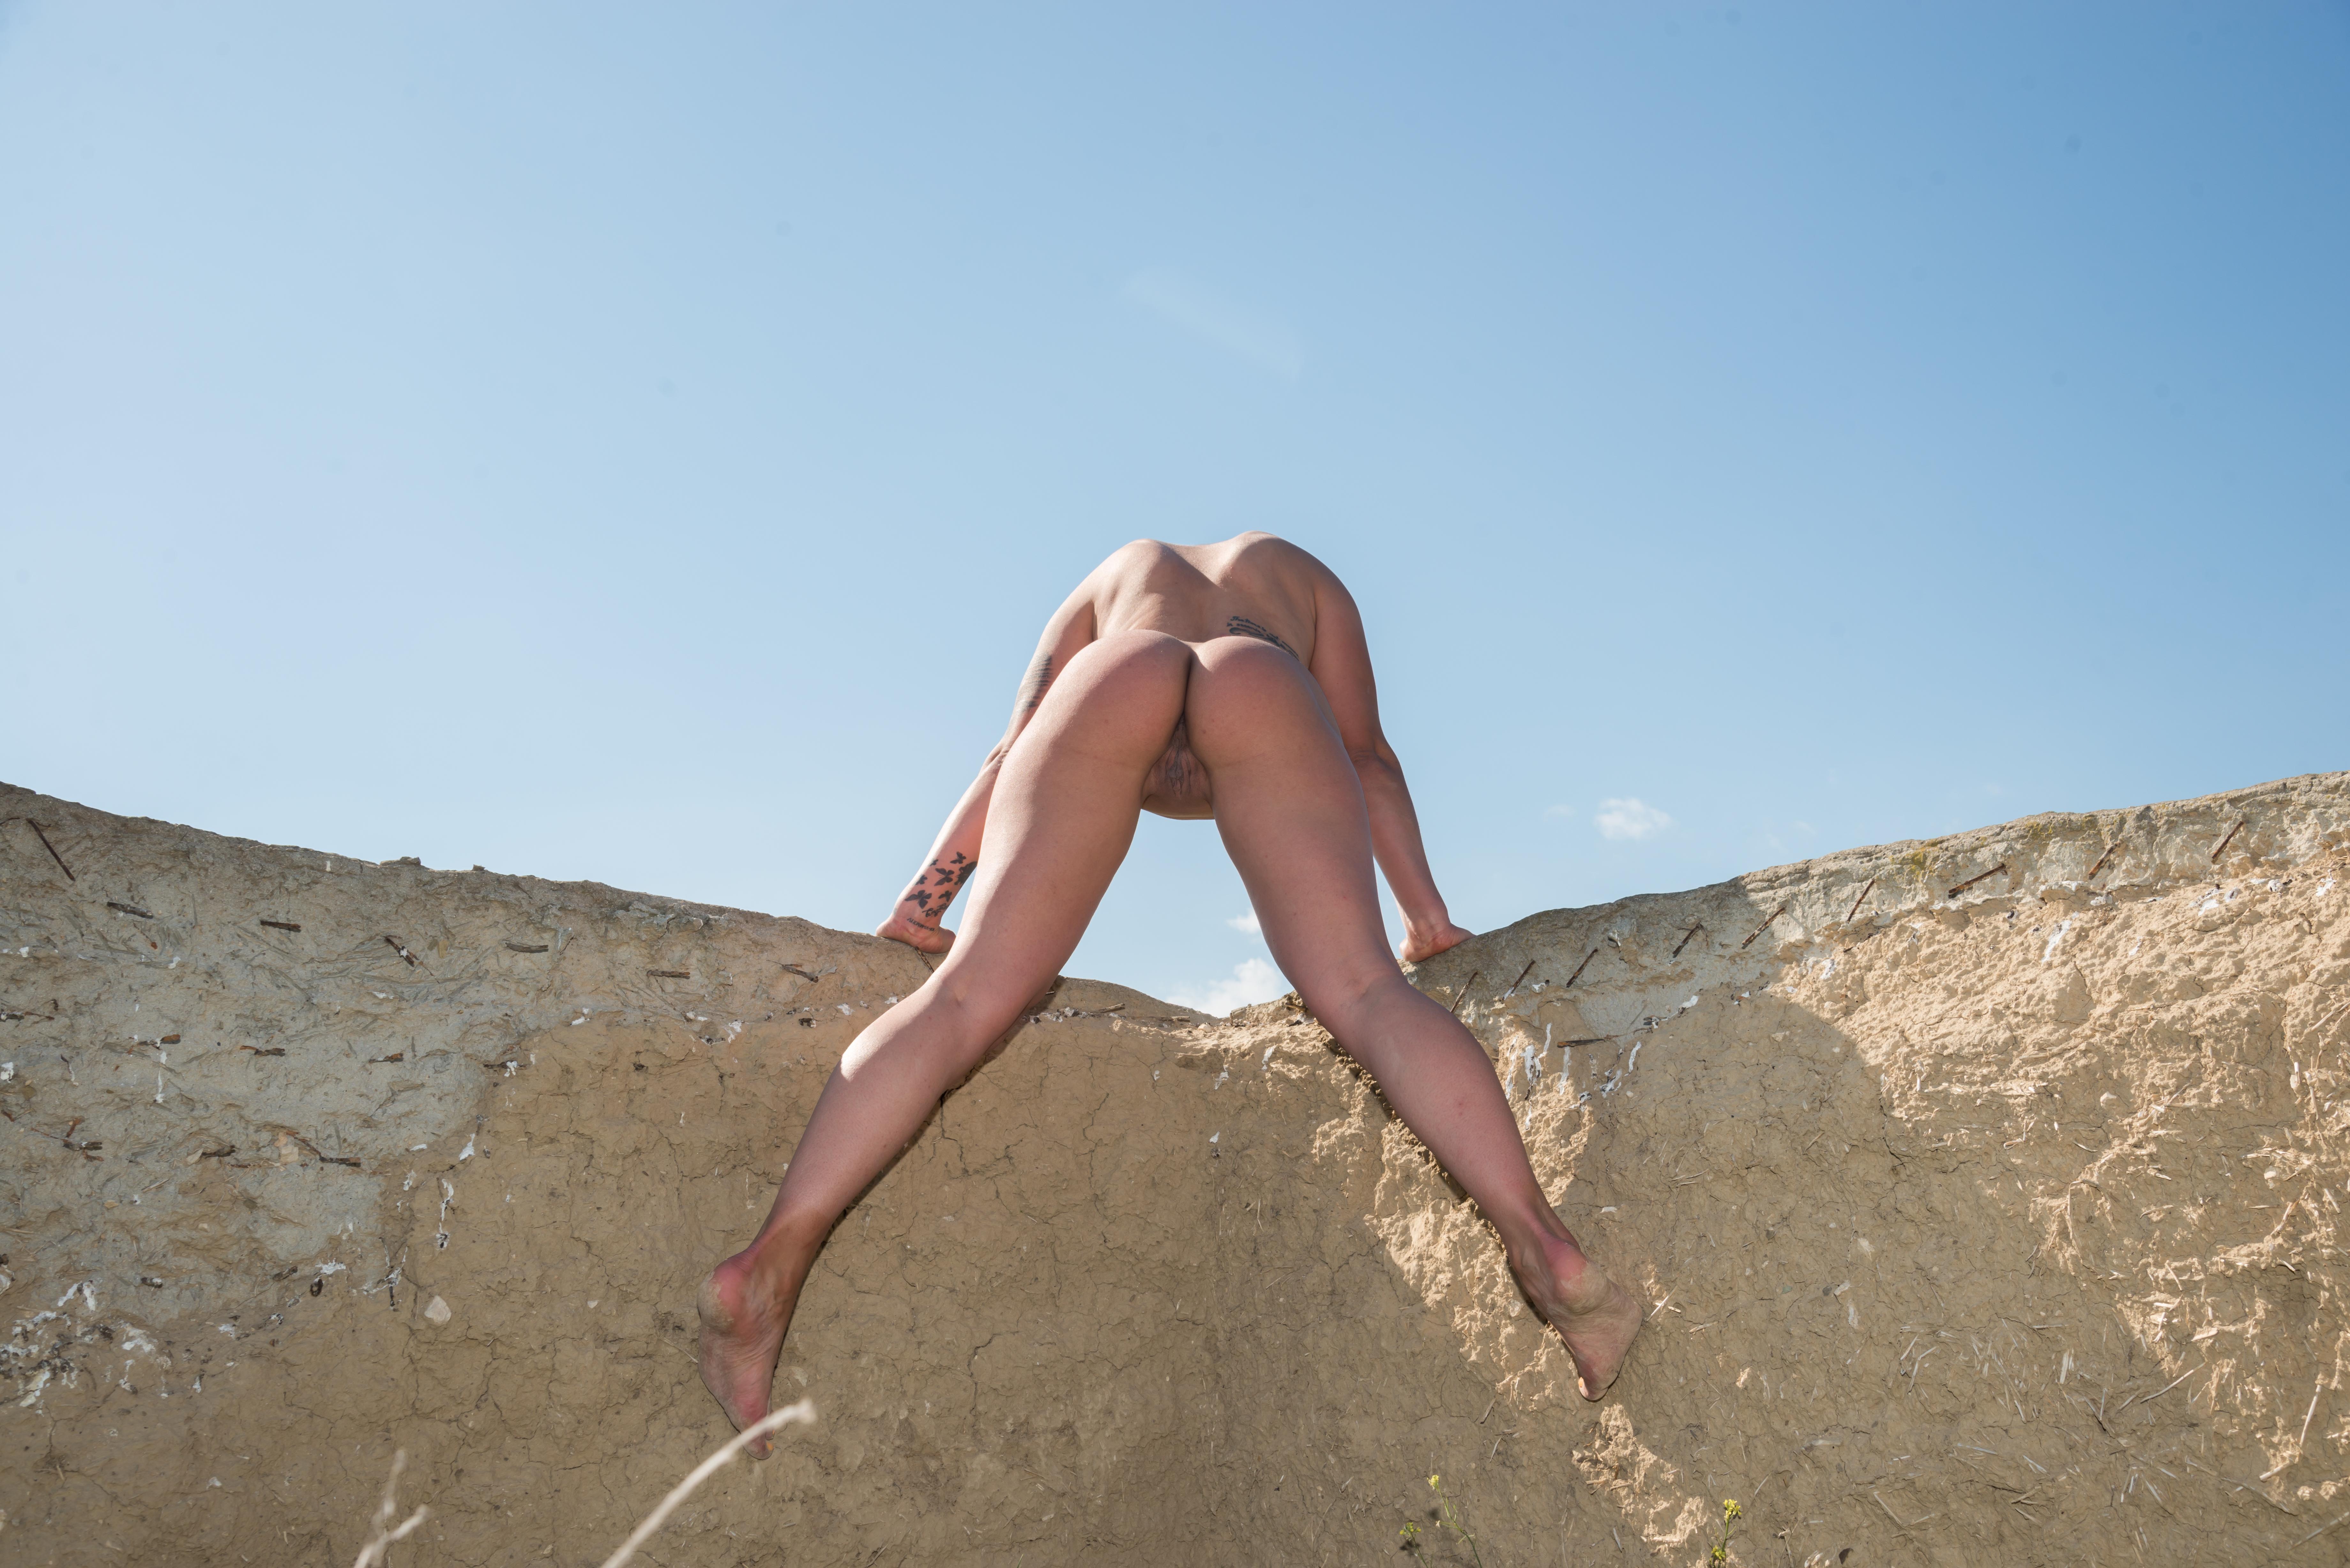 Country Girl Naked Gymnastics on Mud Wall